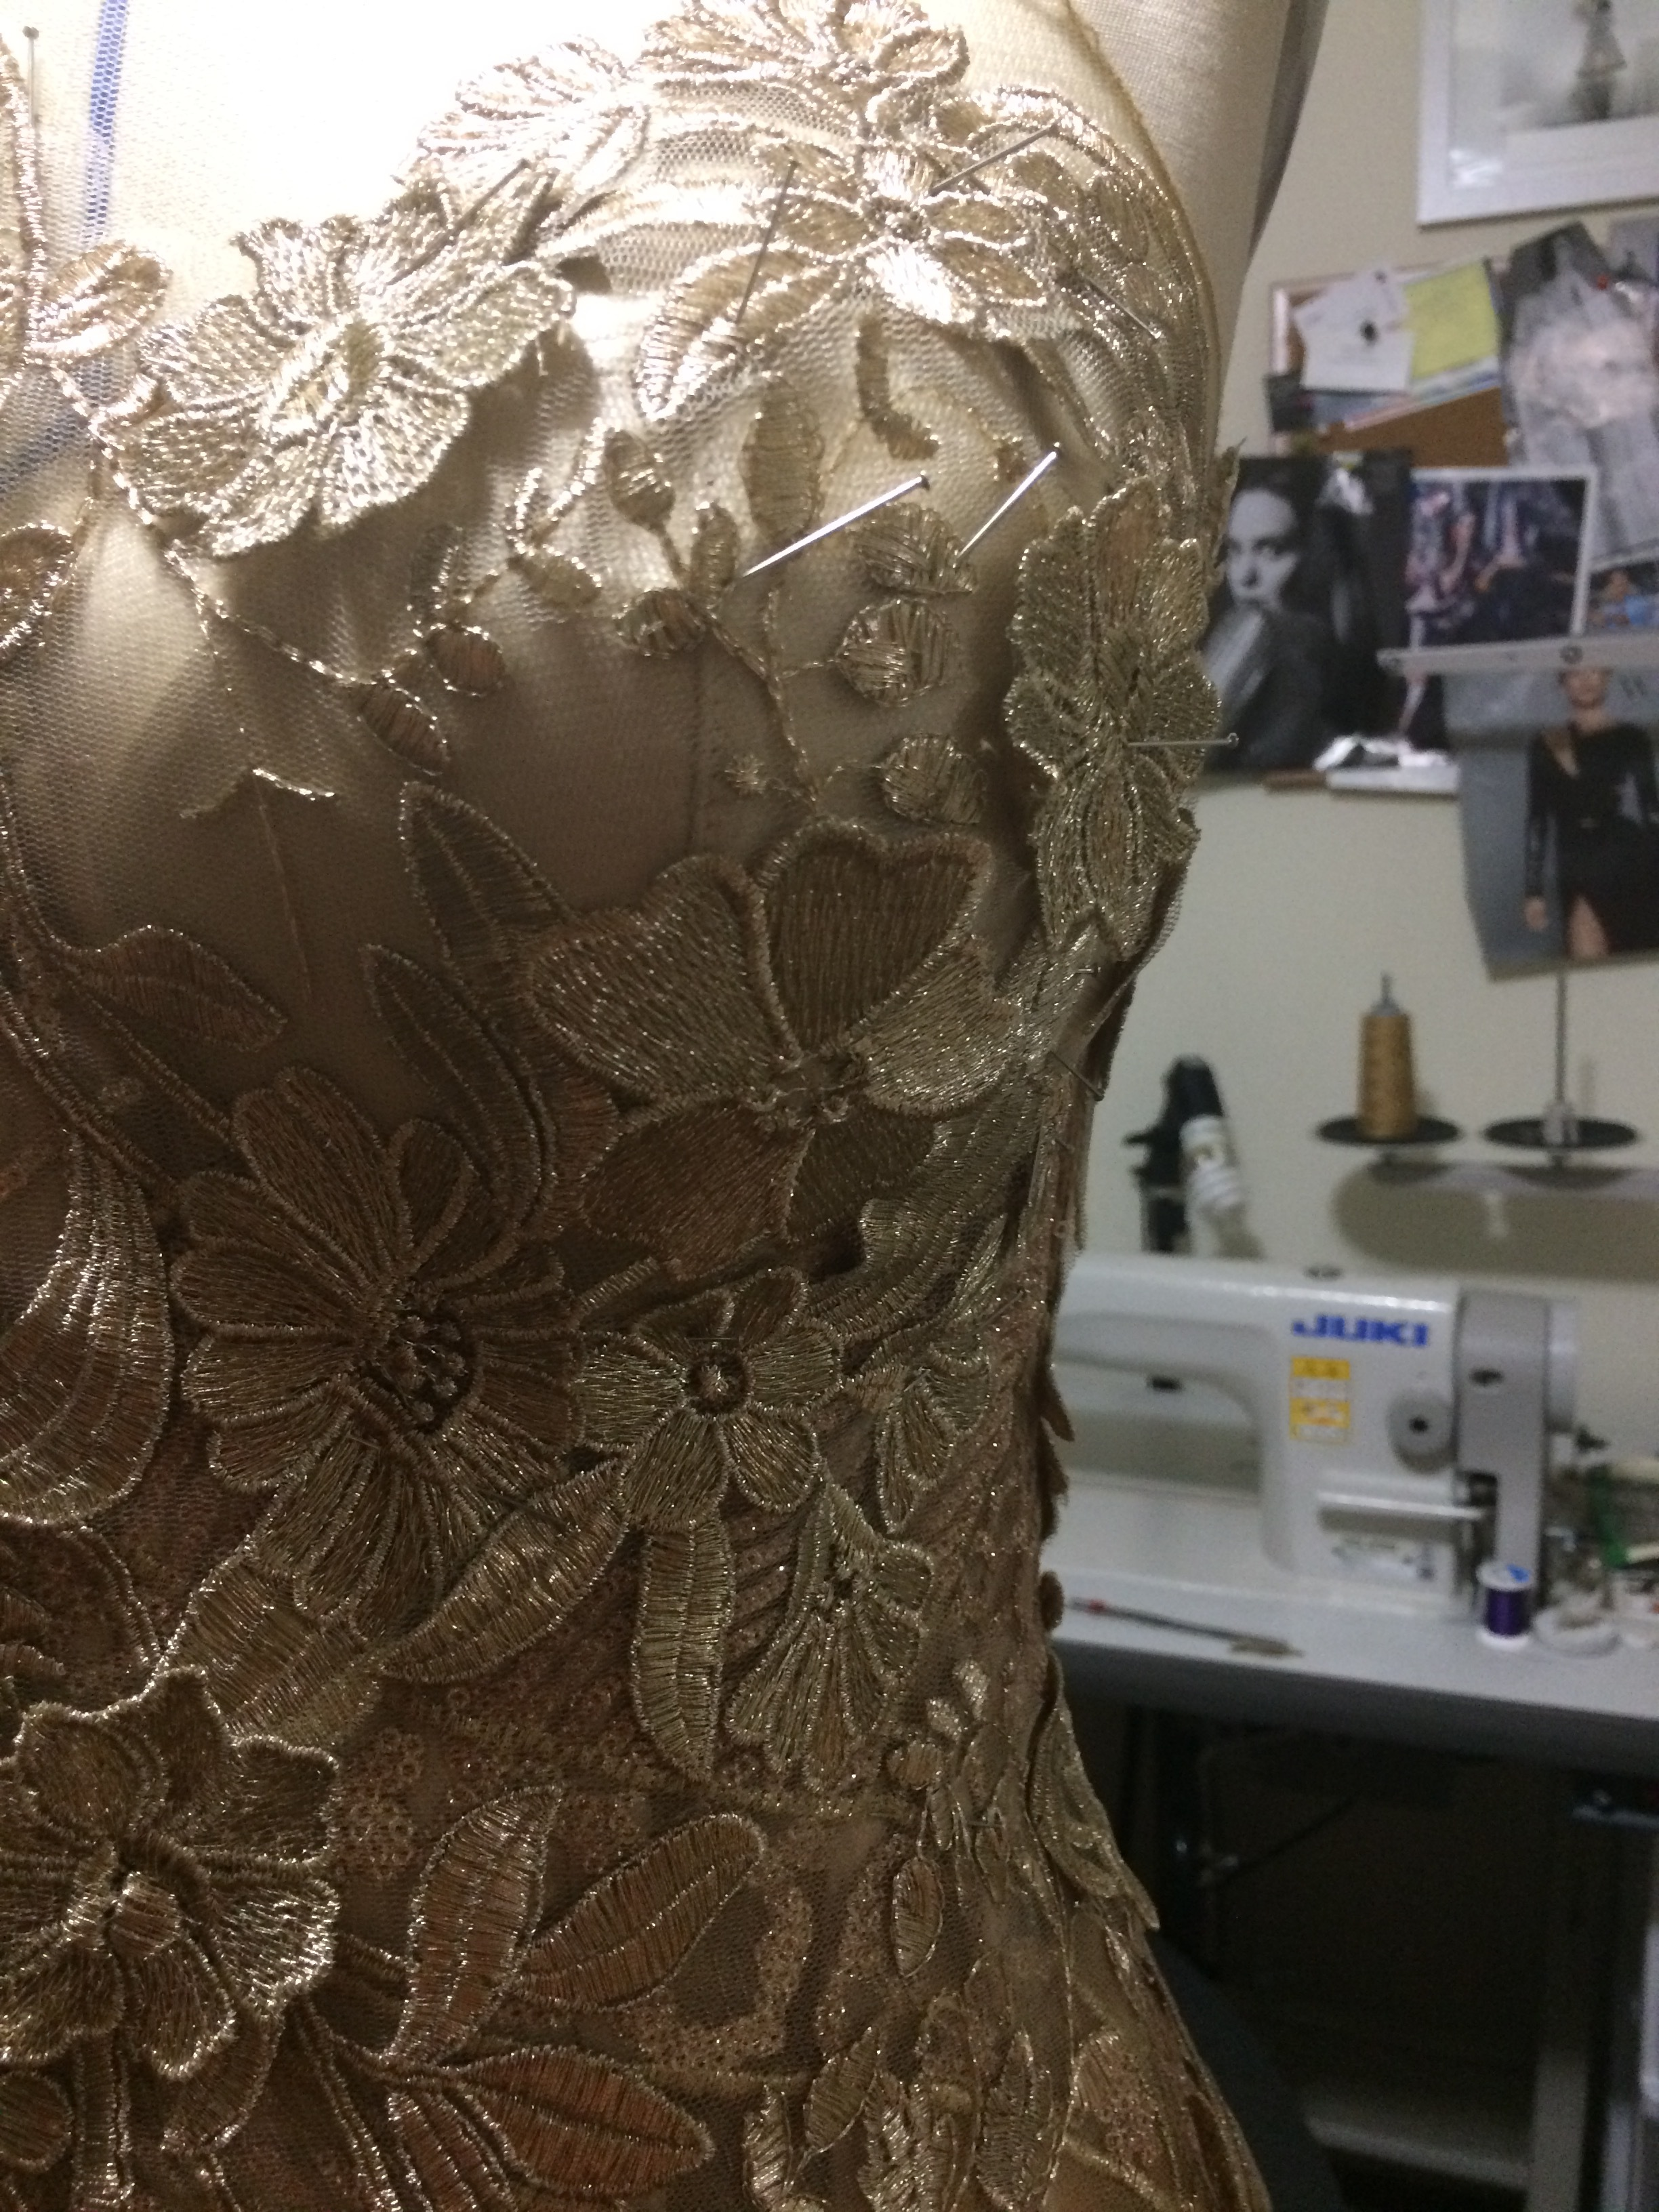 Hand Sewn Lace Applique Detail